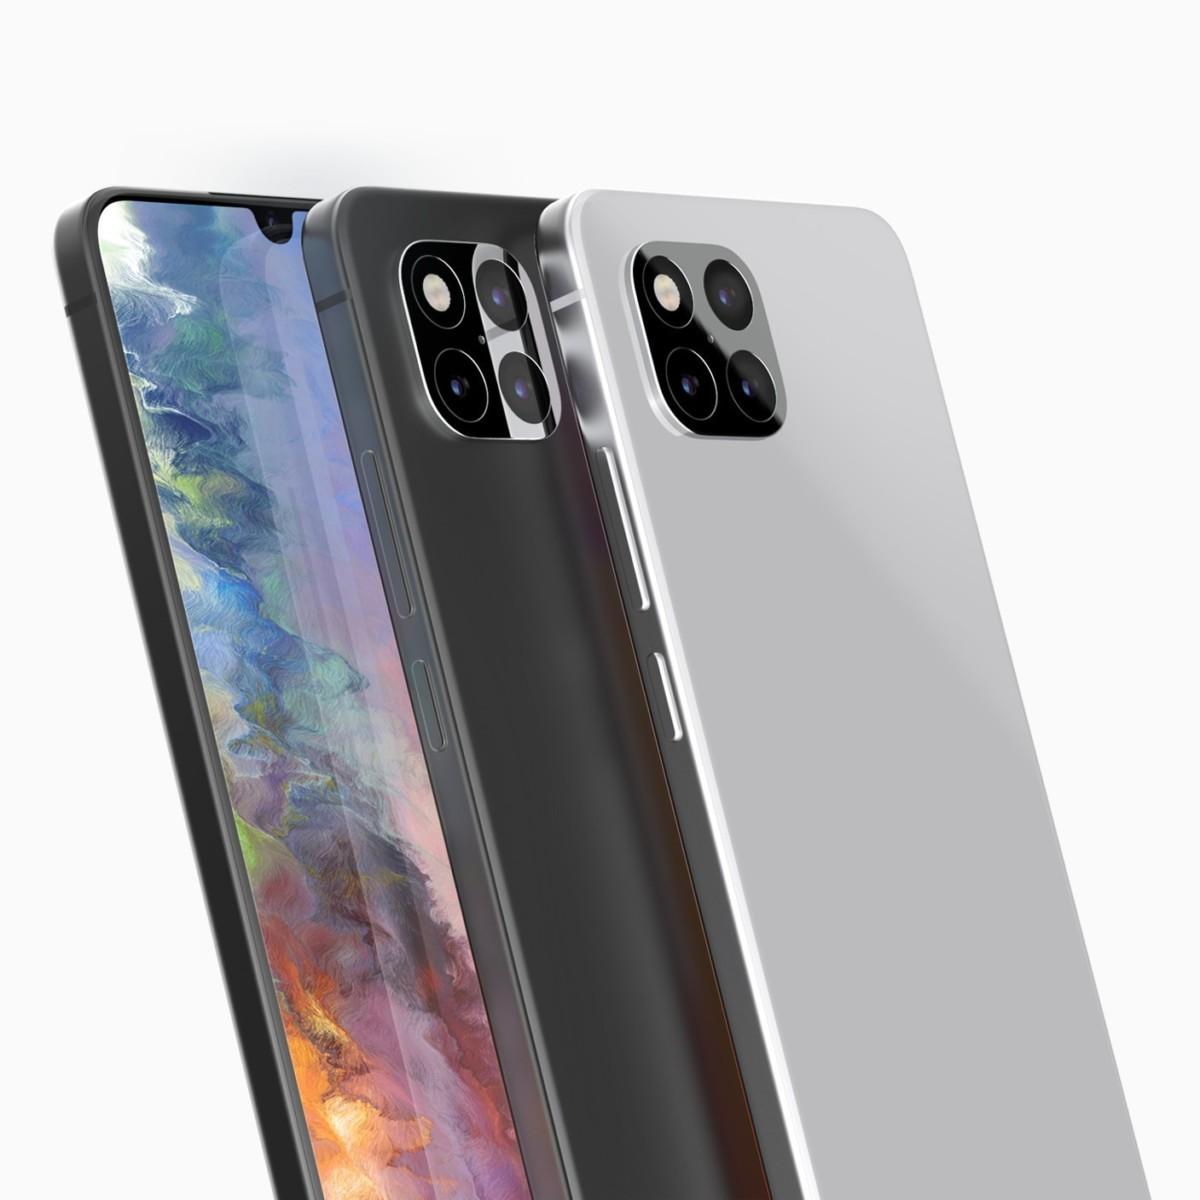 L'Essential PH-3 aurait dû sortir sous le nom d'Essential Phone 2